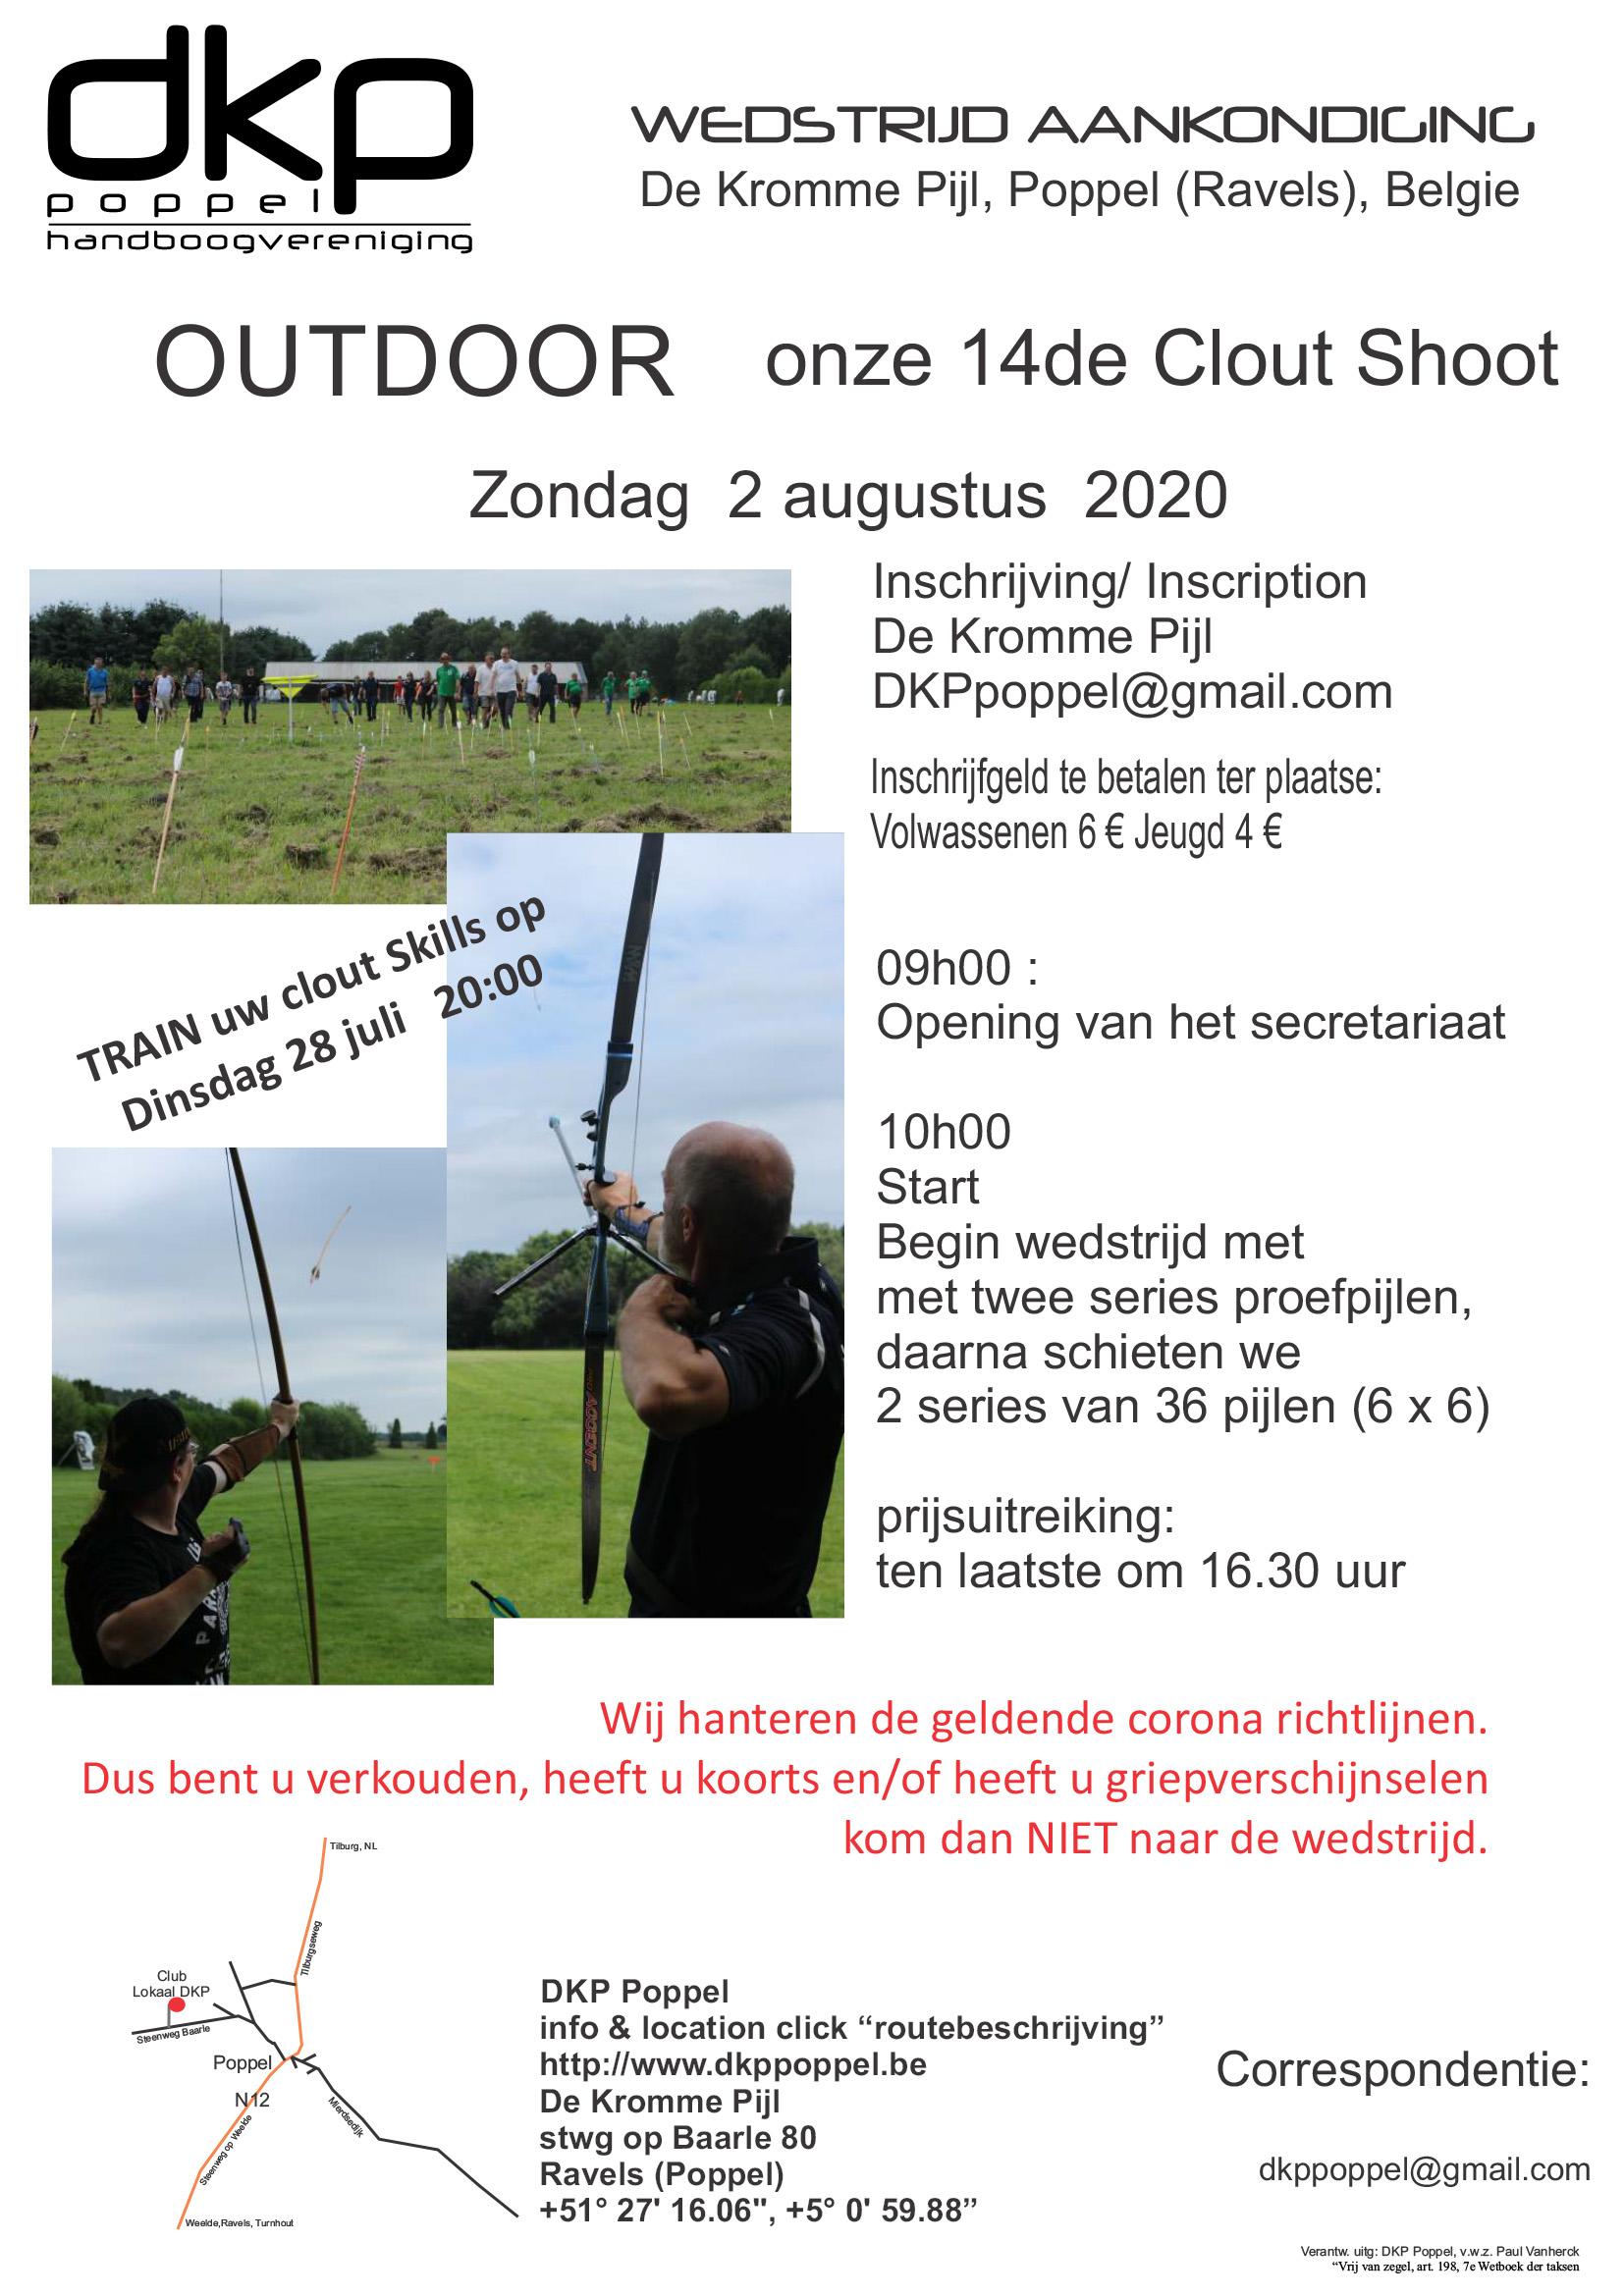 14de Clout Shoot DKP @ De Kromme Pijl